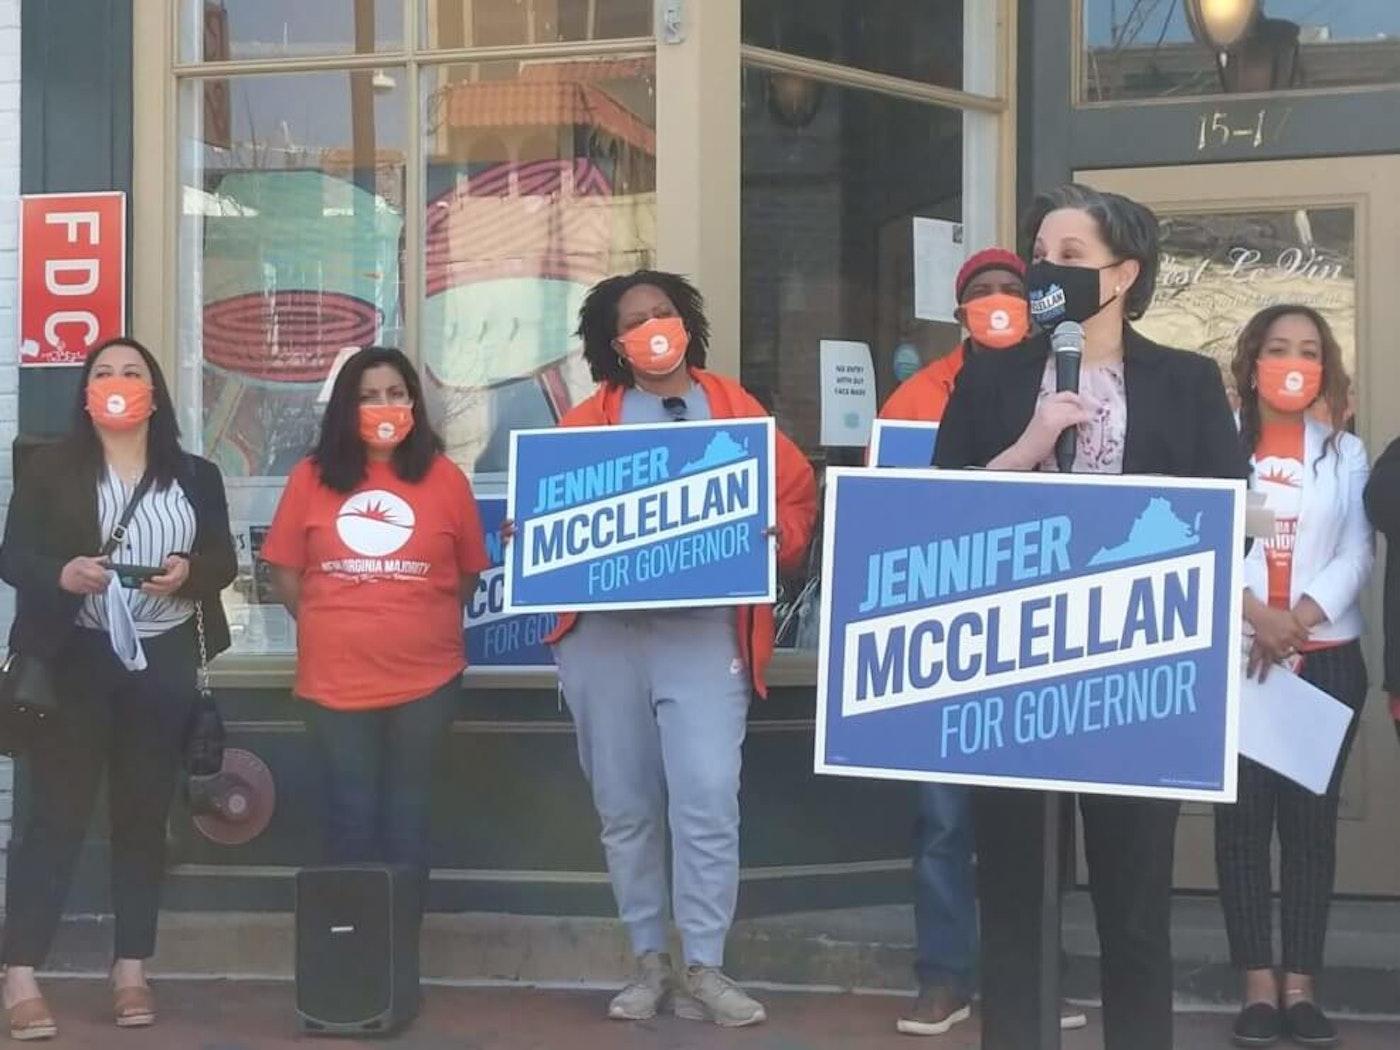 Jennifer McClellan Rolls Out Economic Plan in Richmond